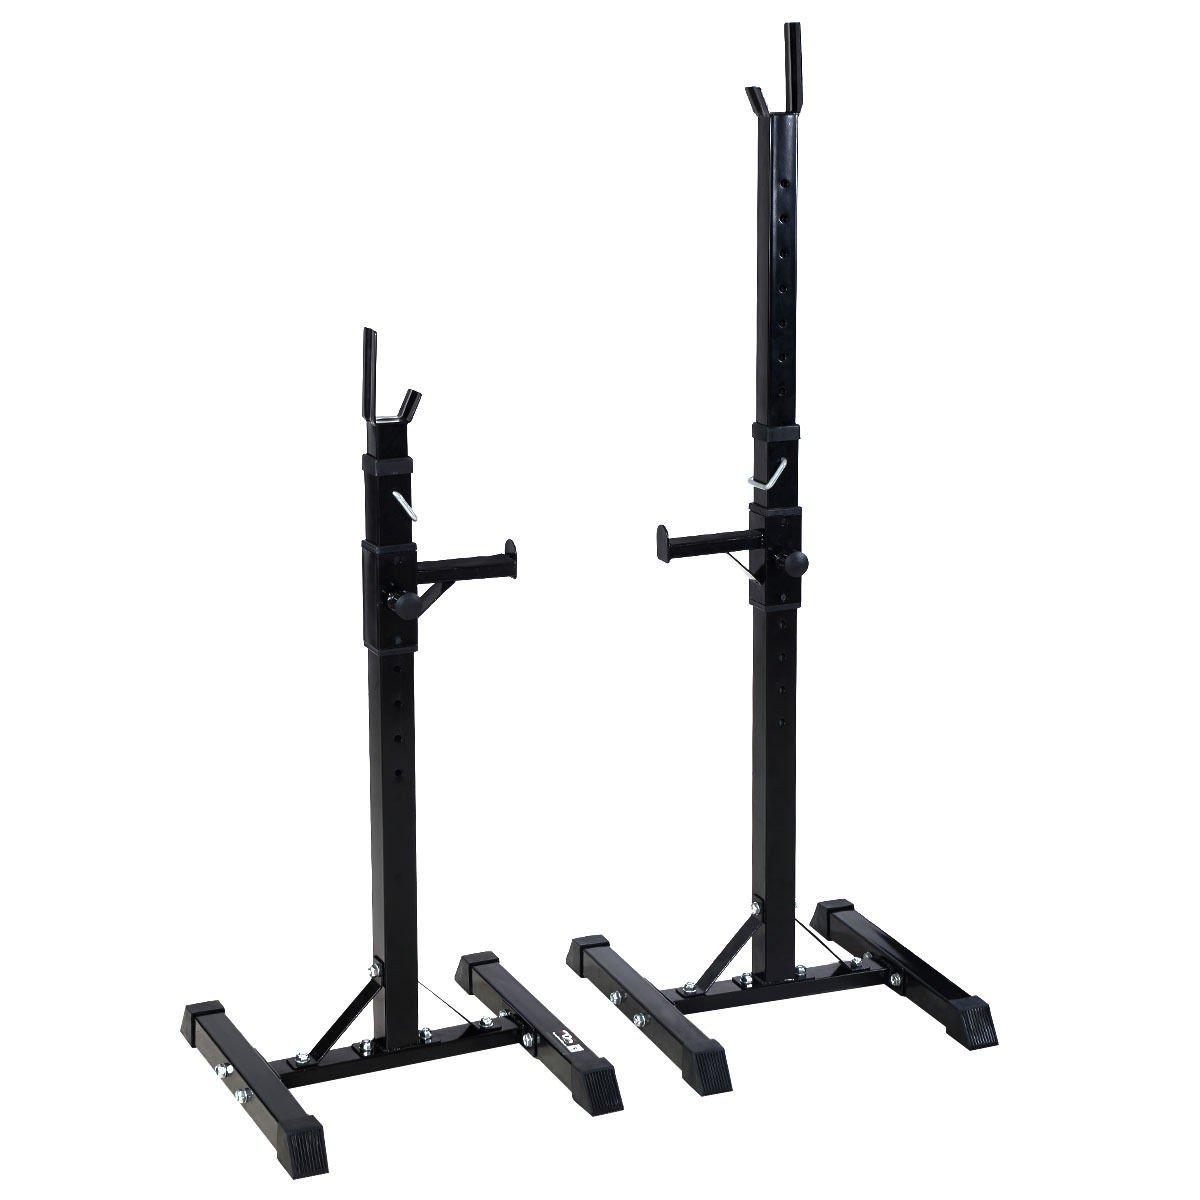 CHOOSEandBUY Pair of Adjustable Standard Solid Steel Barbell Rack Pair Standard Solid